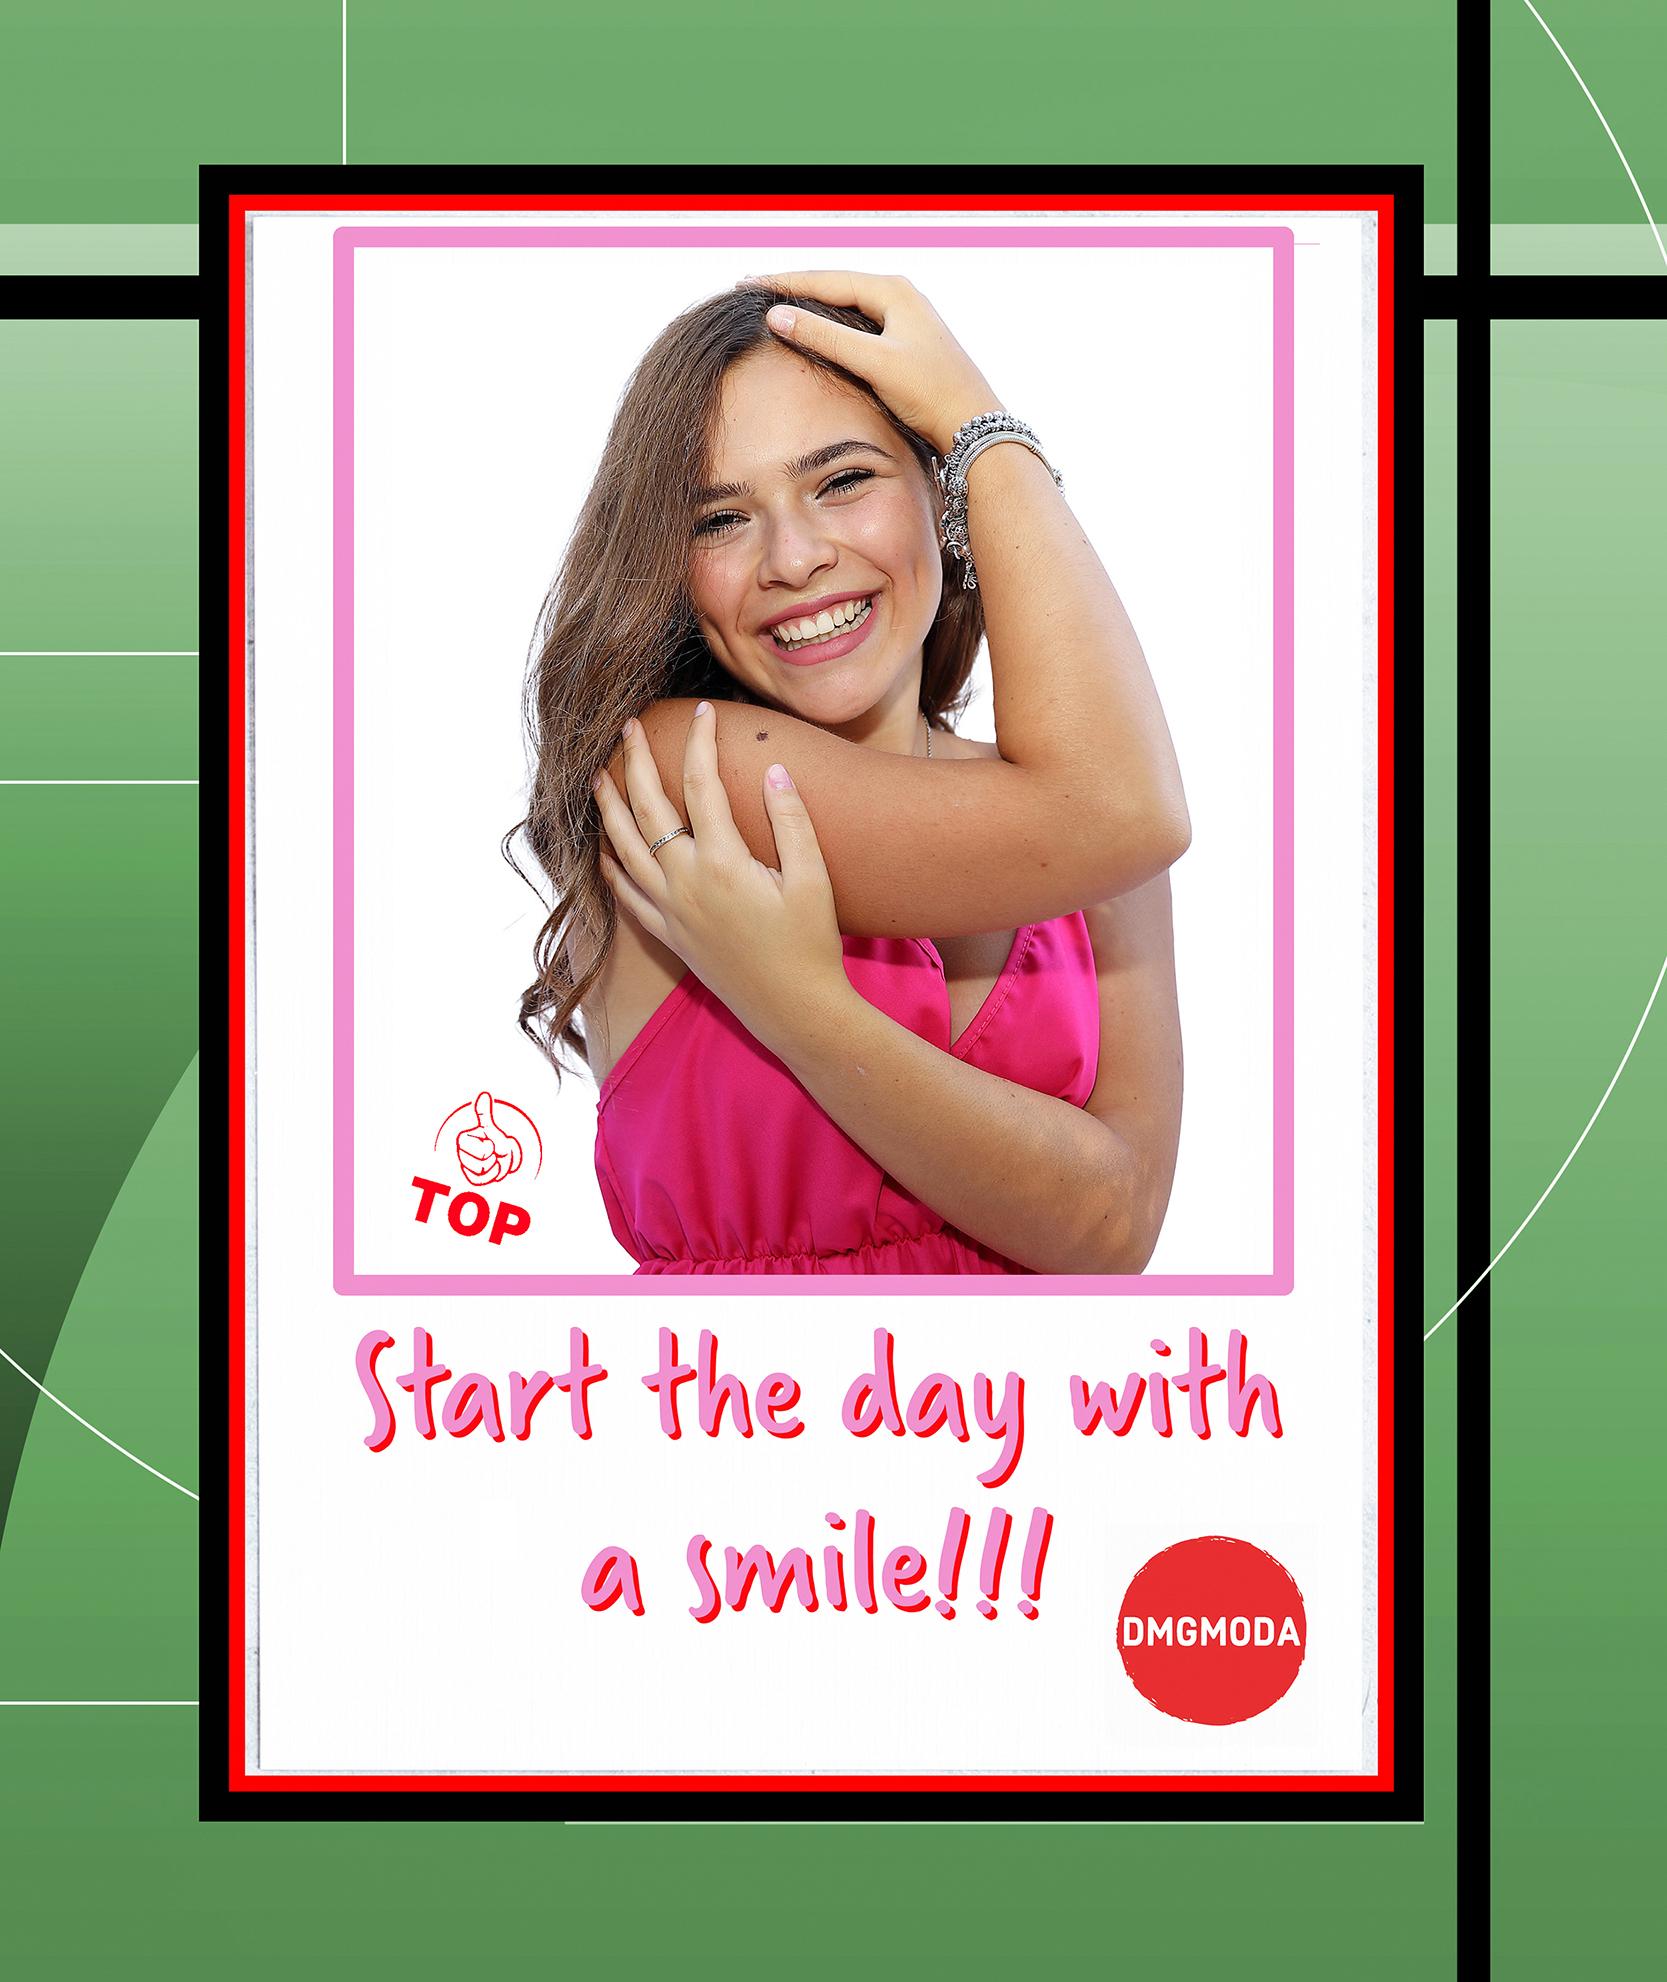 Smile Alessia DMG 2